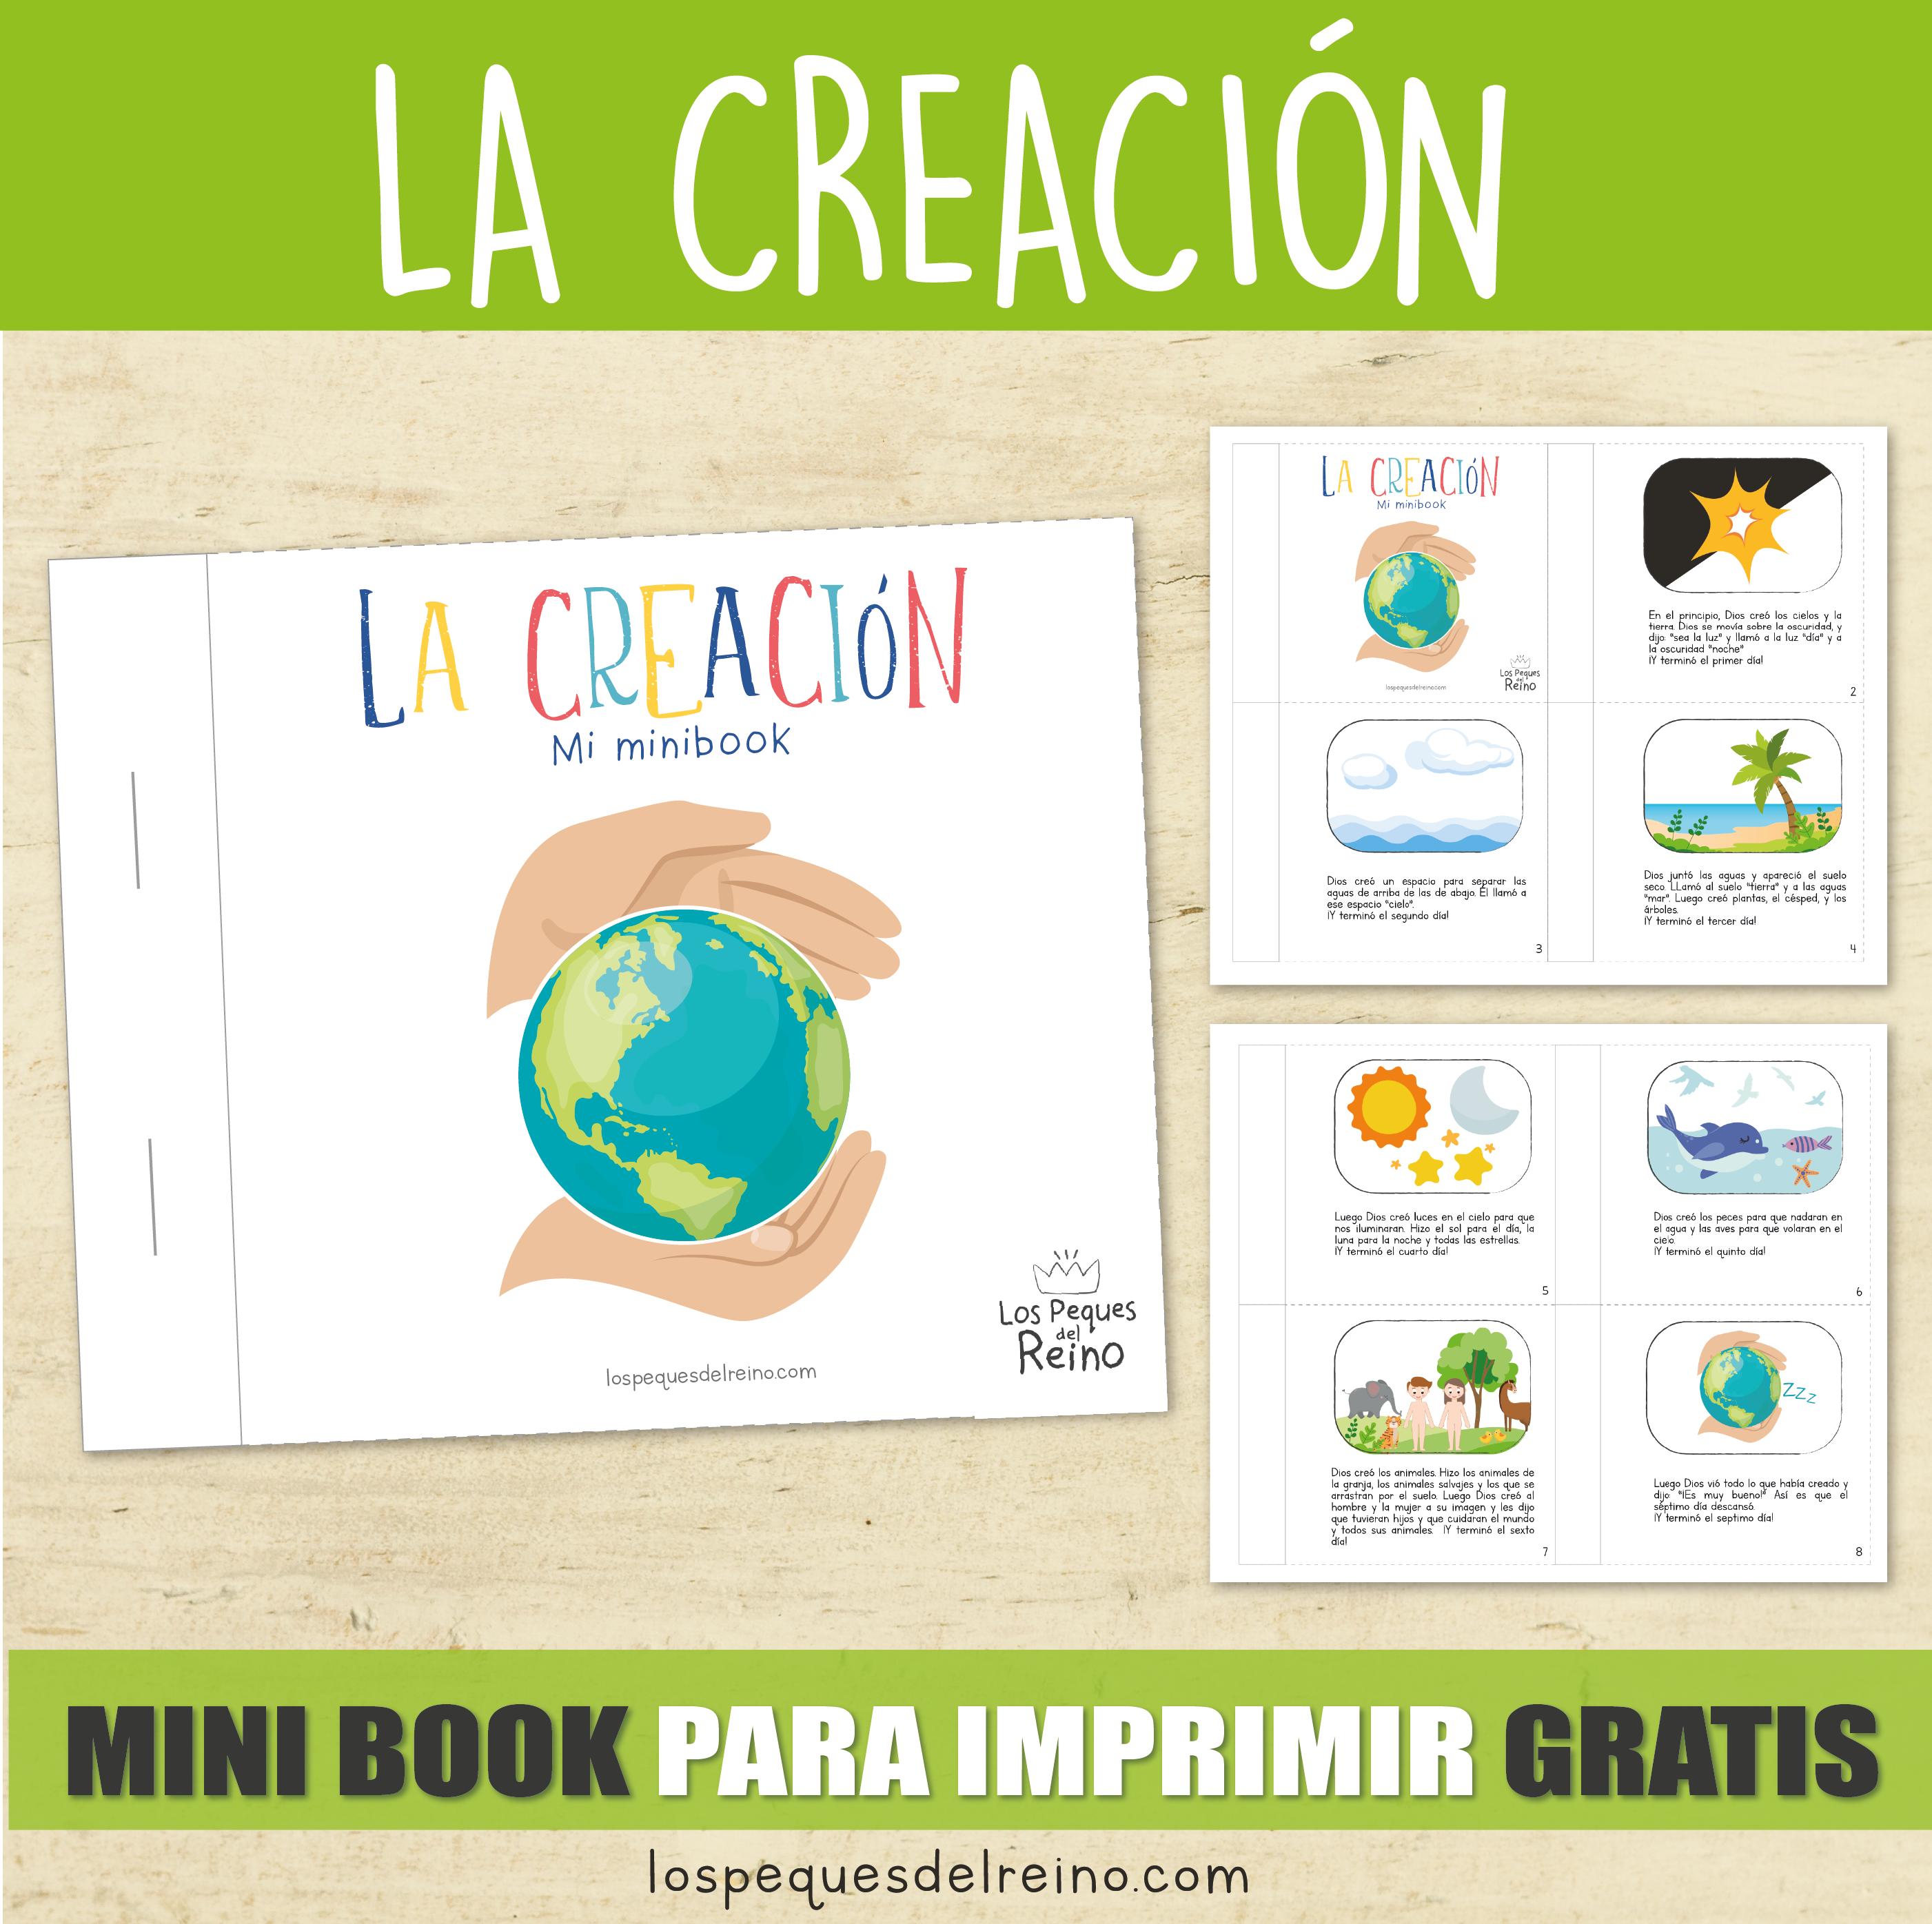 La Creación Mini Book Historia Bíblica Descargable Gratis Mini Libros Animales Para Imprimir La Creacion